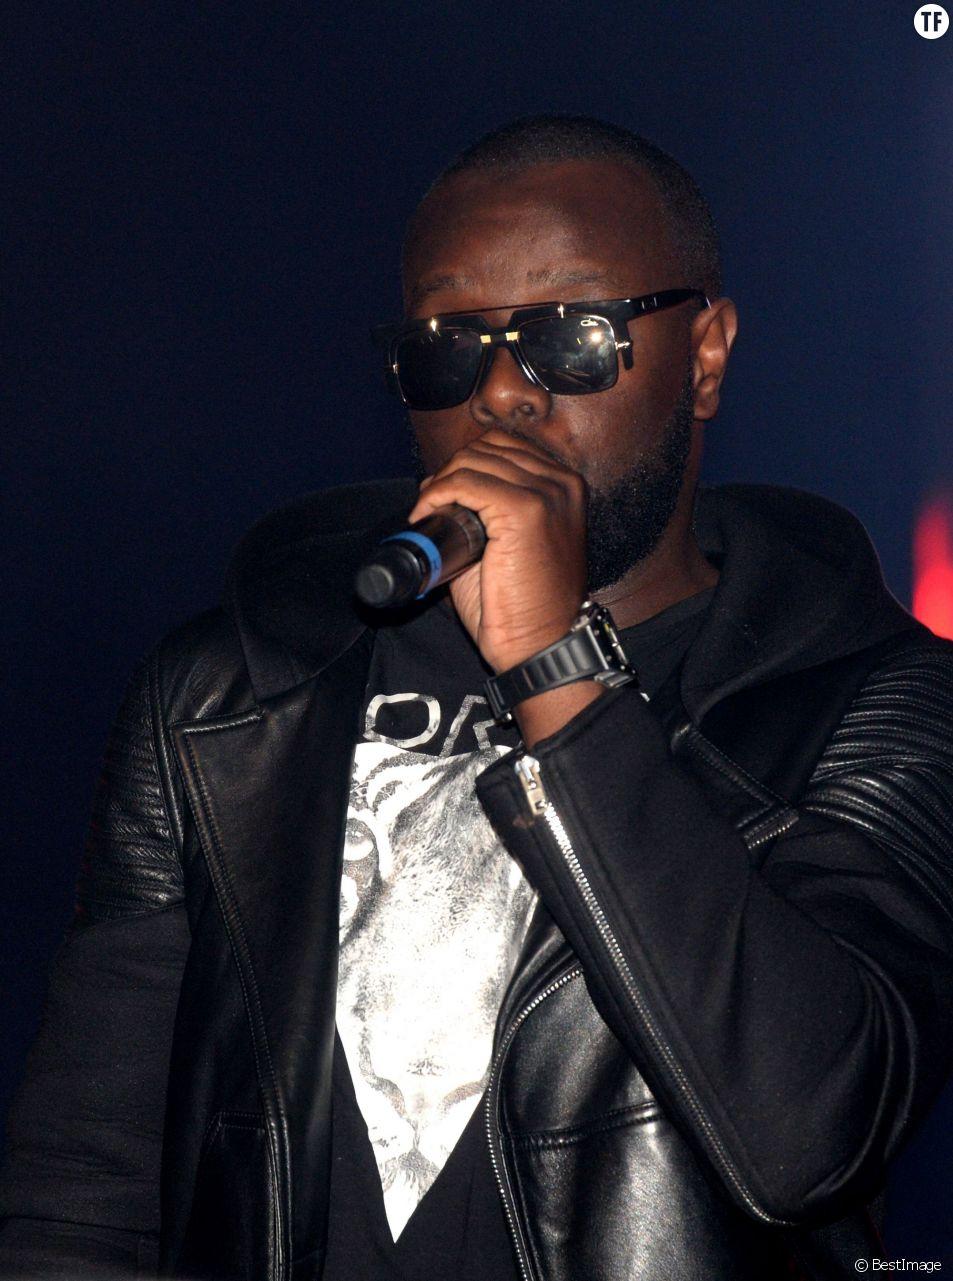 Maître Gims en concert à guichet fermé (vente-privee.com) au Théâtre de Paris, le 1er juin 2015.